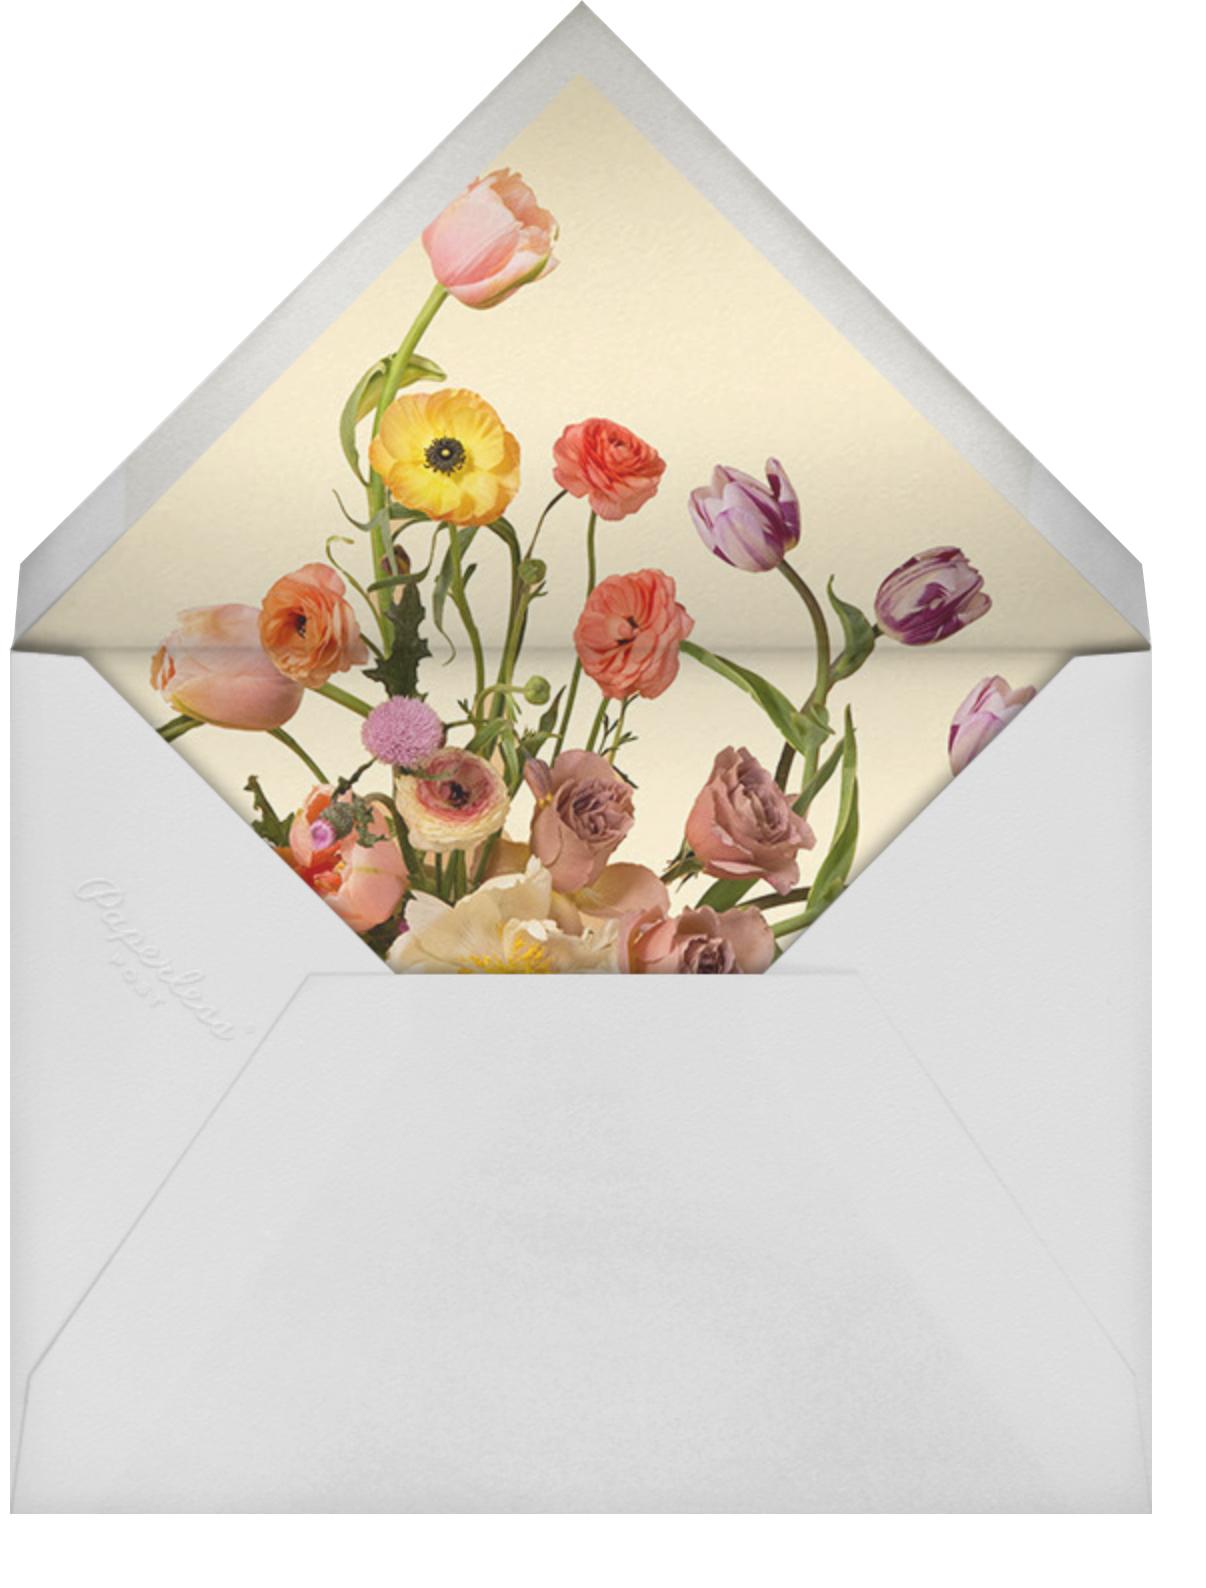 Prairial Photo - Putnam & Putnam - Mother's Day - envelope back